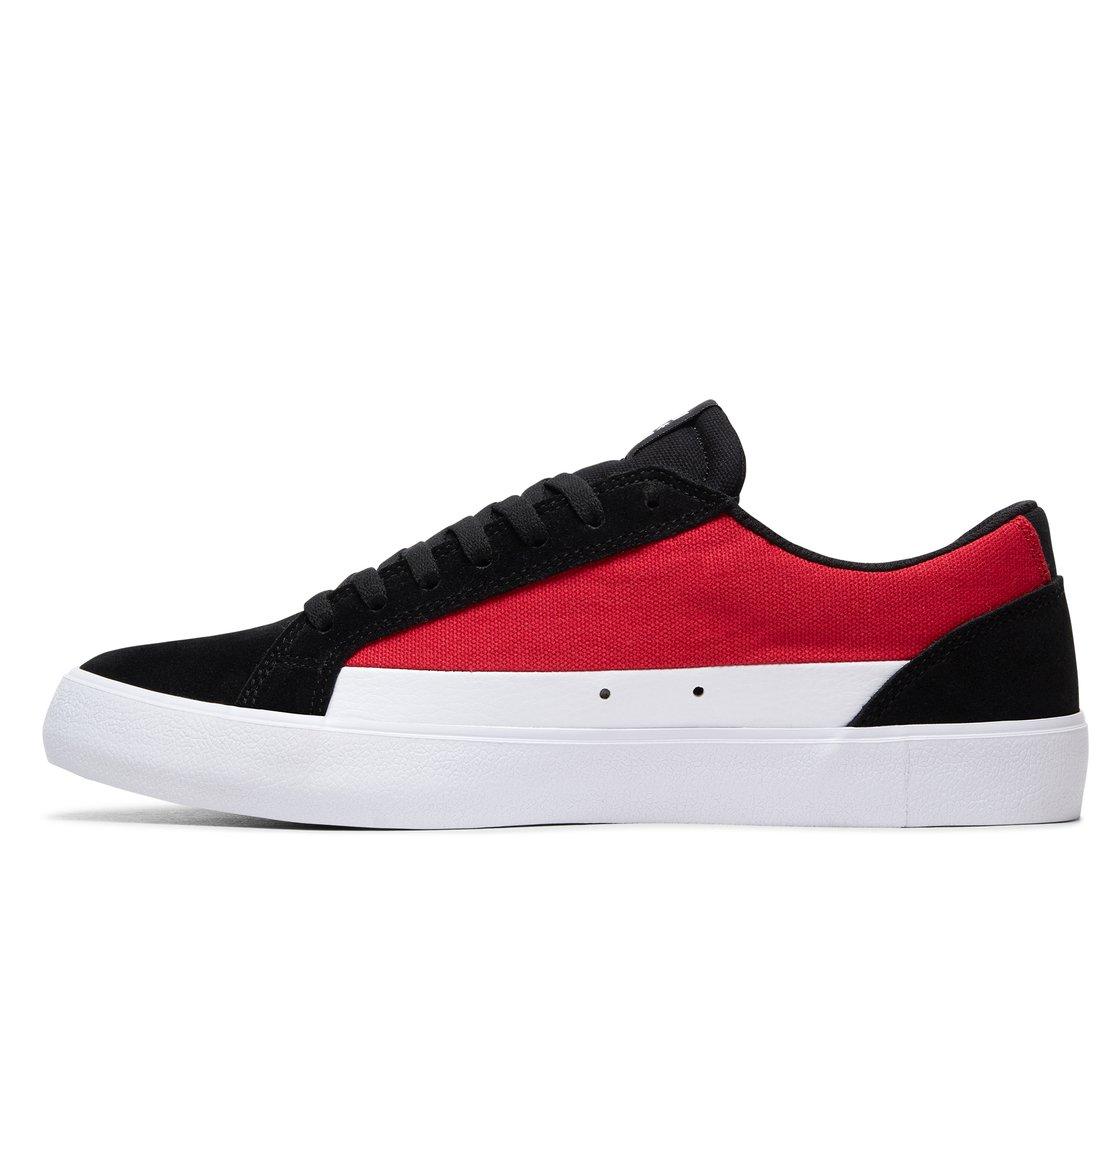 DC-Shoes-Lynnfield-Baskets-pour-Homme-ADYS300489 miniature 19